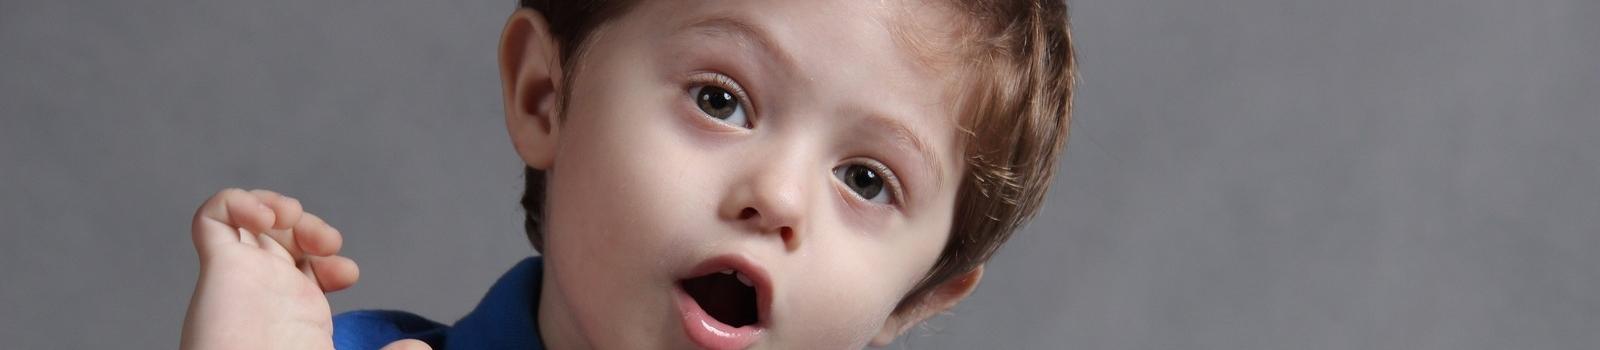 Zdziwiony chłopczyk na tle szarej ściany unosi prawą rękę